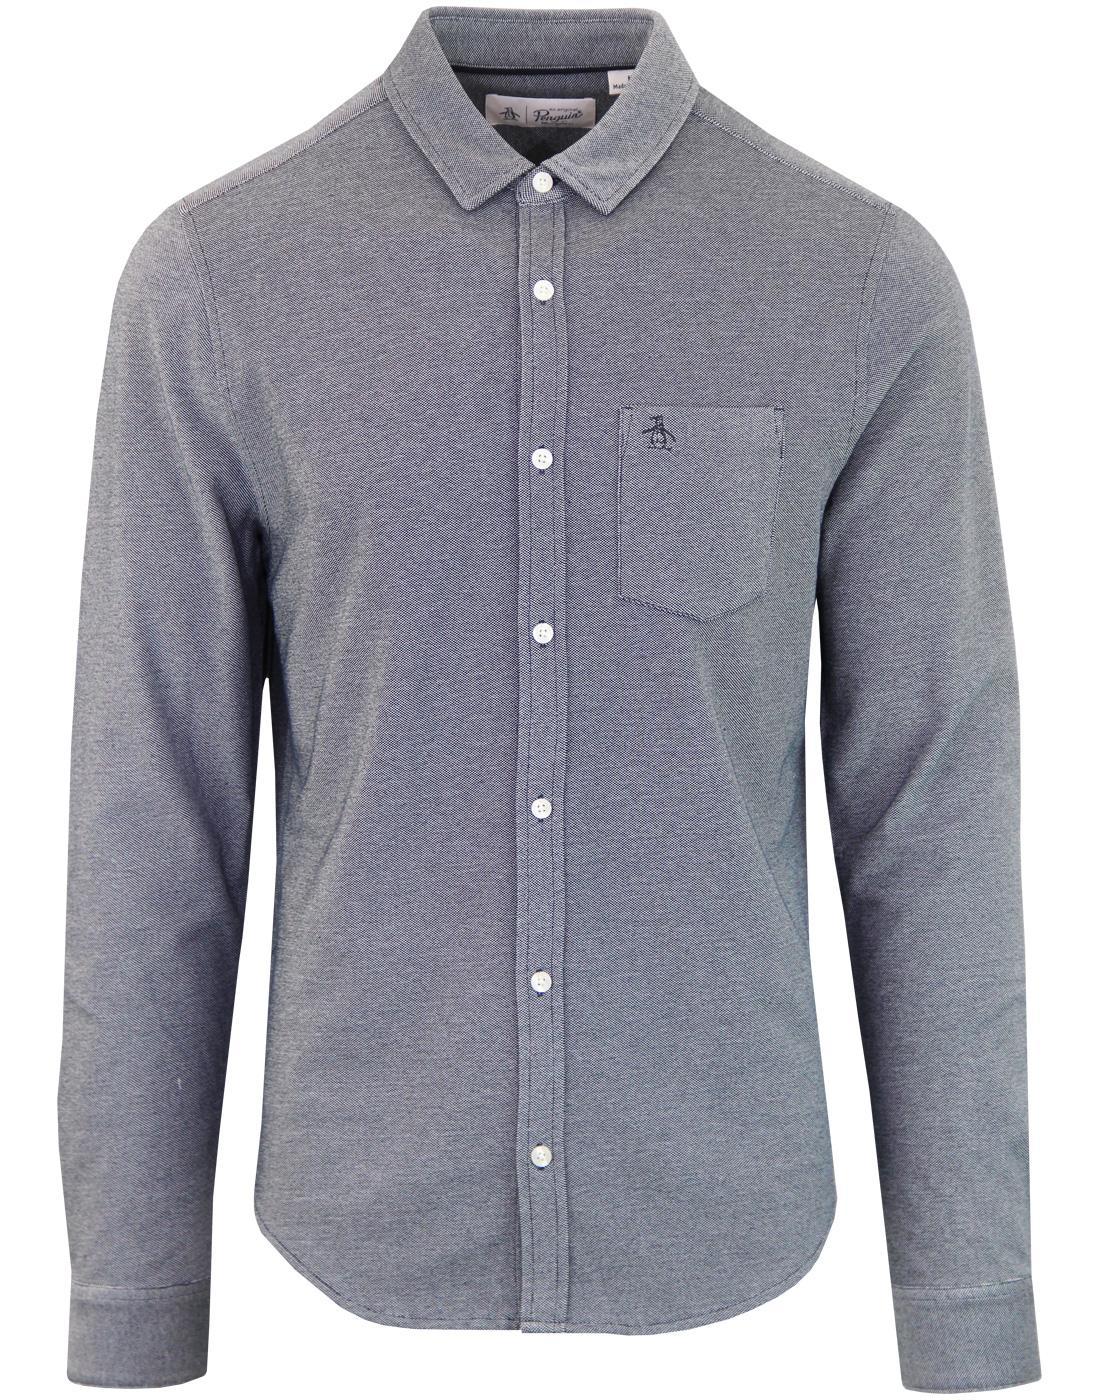 ORIGINAL PENGUIN Retro Mod Oxford Pique Shirt (DS)